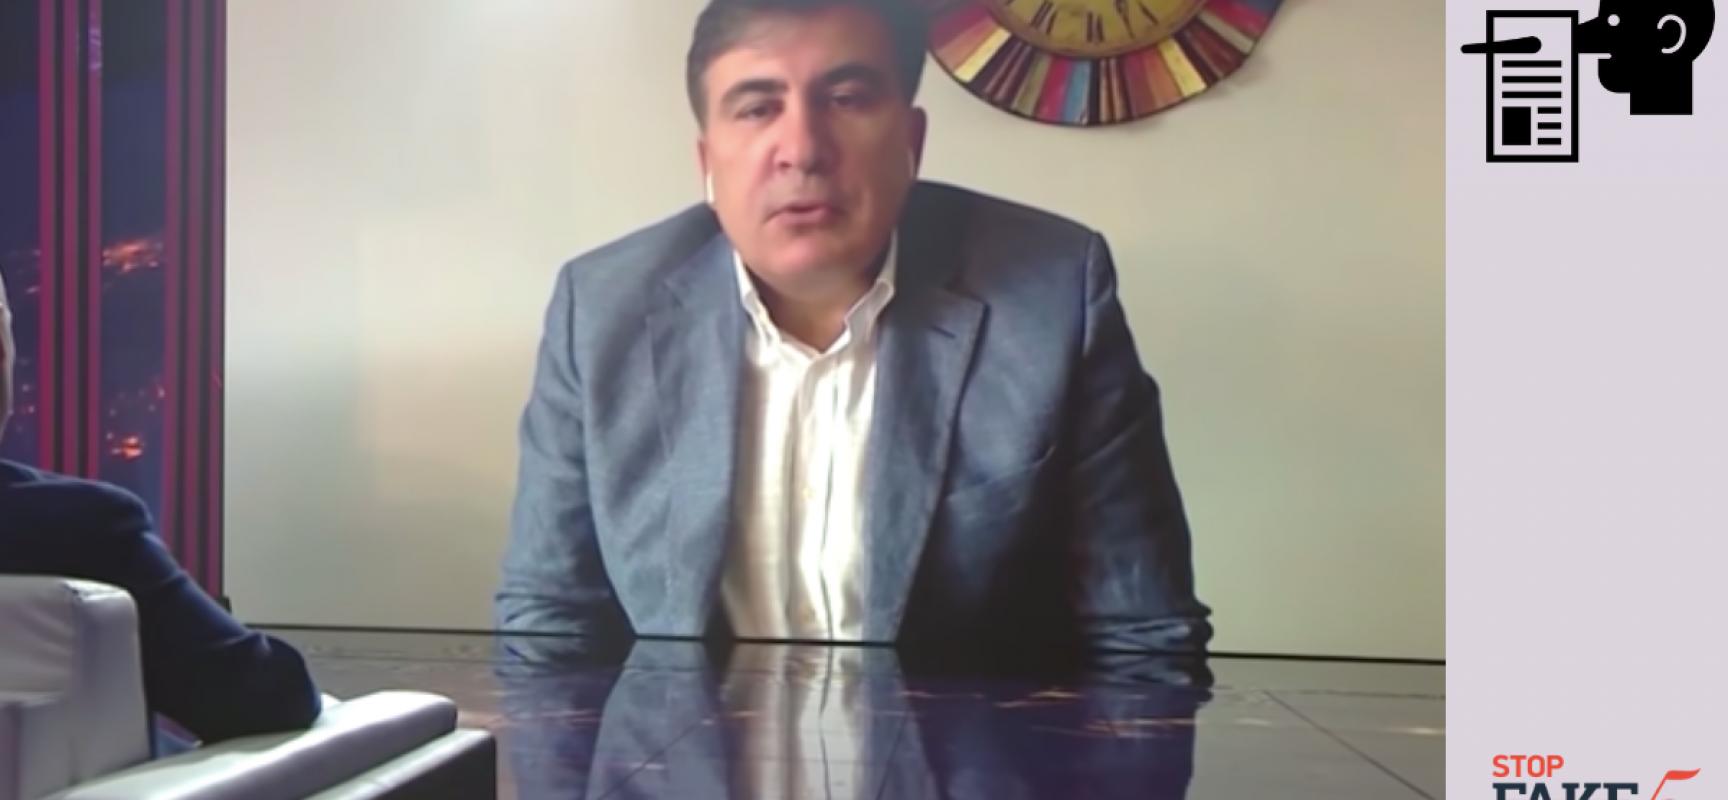 Falso: Poroshenko voleva scambiare la Crimea con la NATO